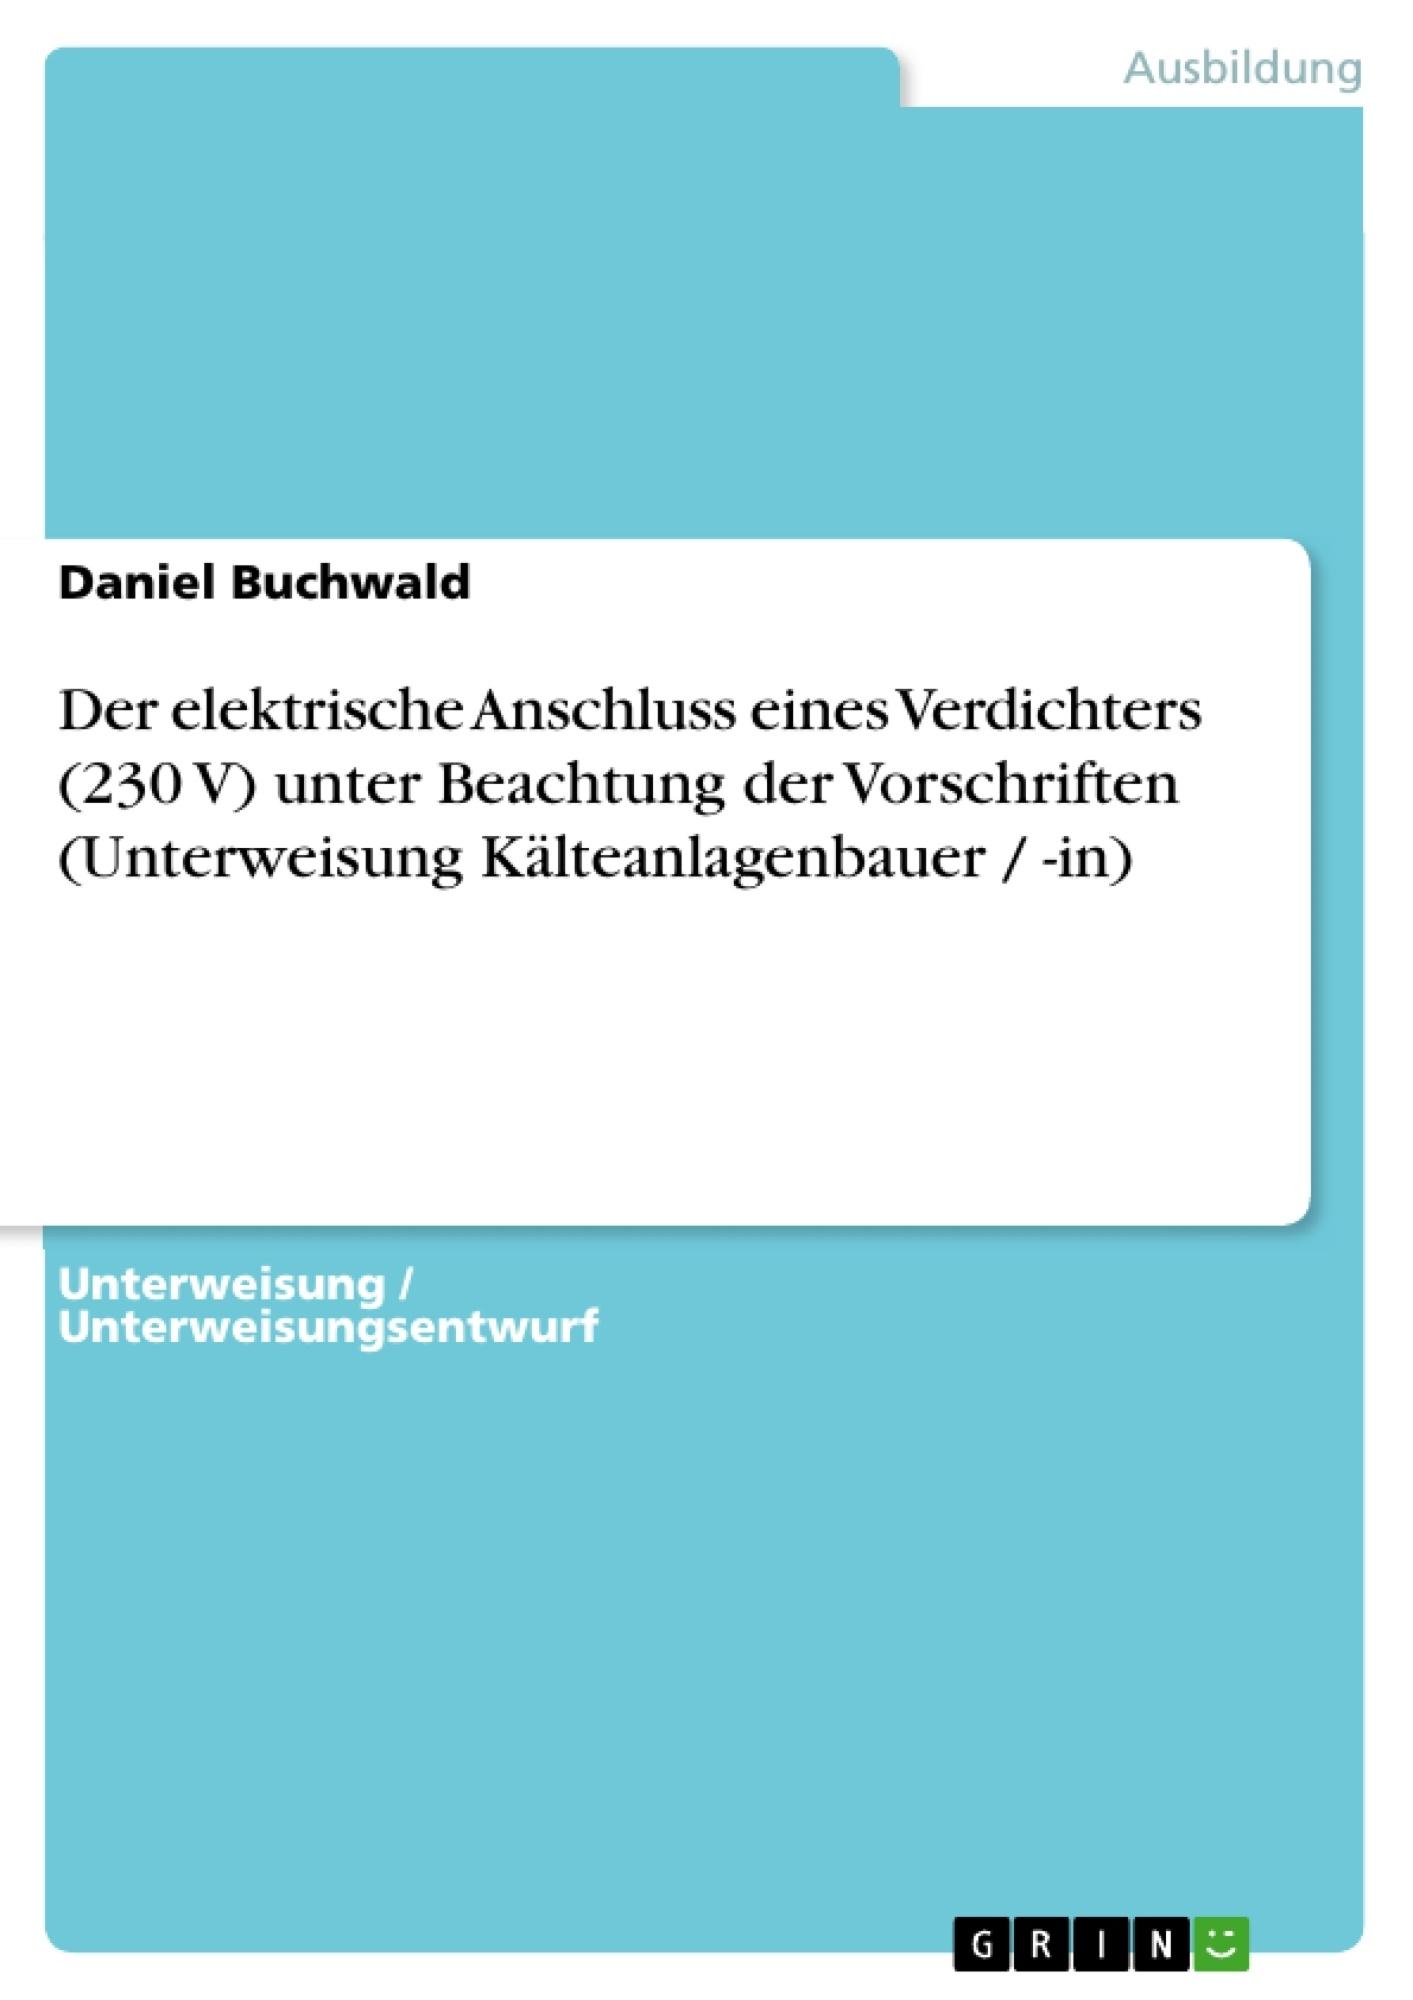 Titel: Der elektrische Anschluss eines Verdichters (230 V) unter Beachtung der Vorschriften (Unterweisung Kälteanlagenbauer / -in)